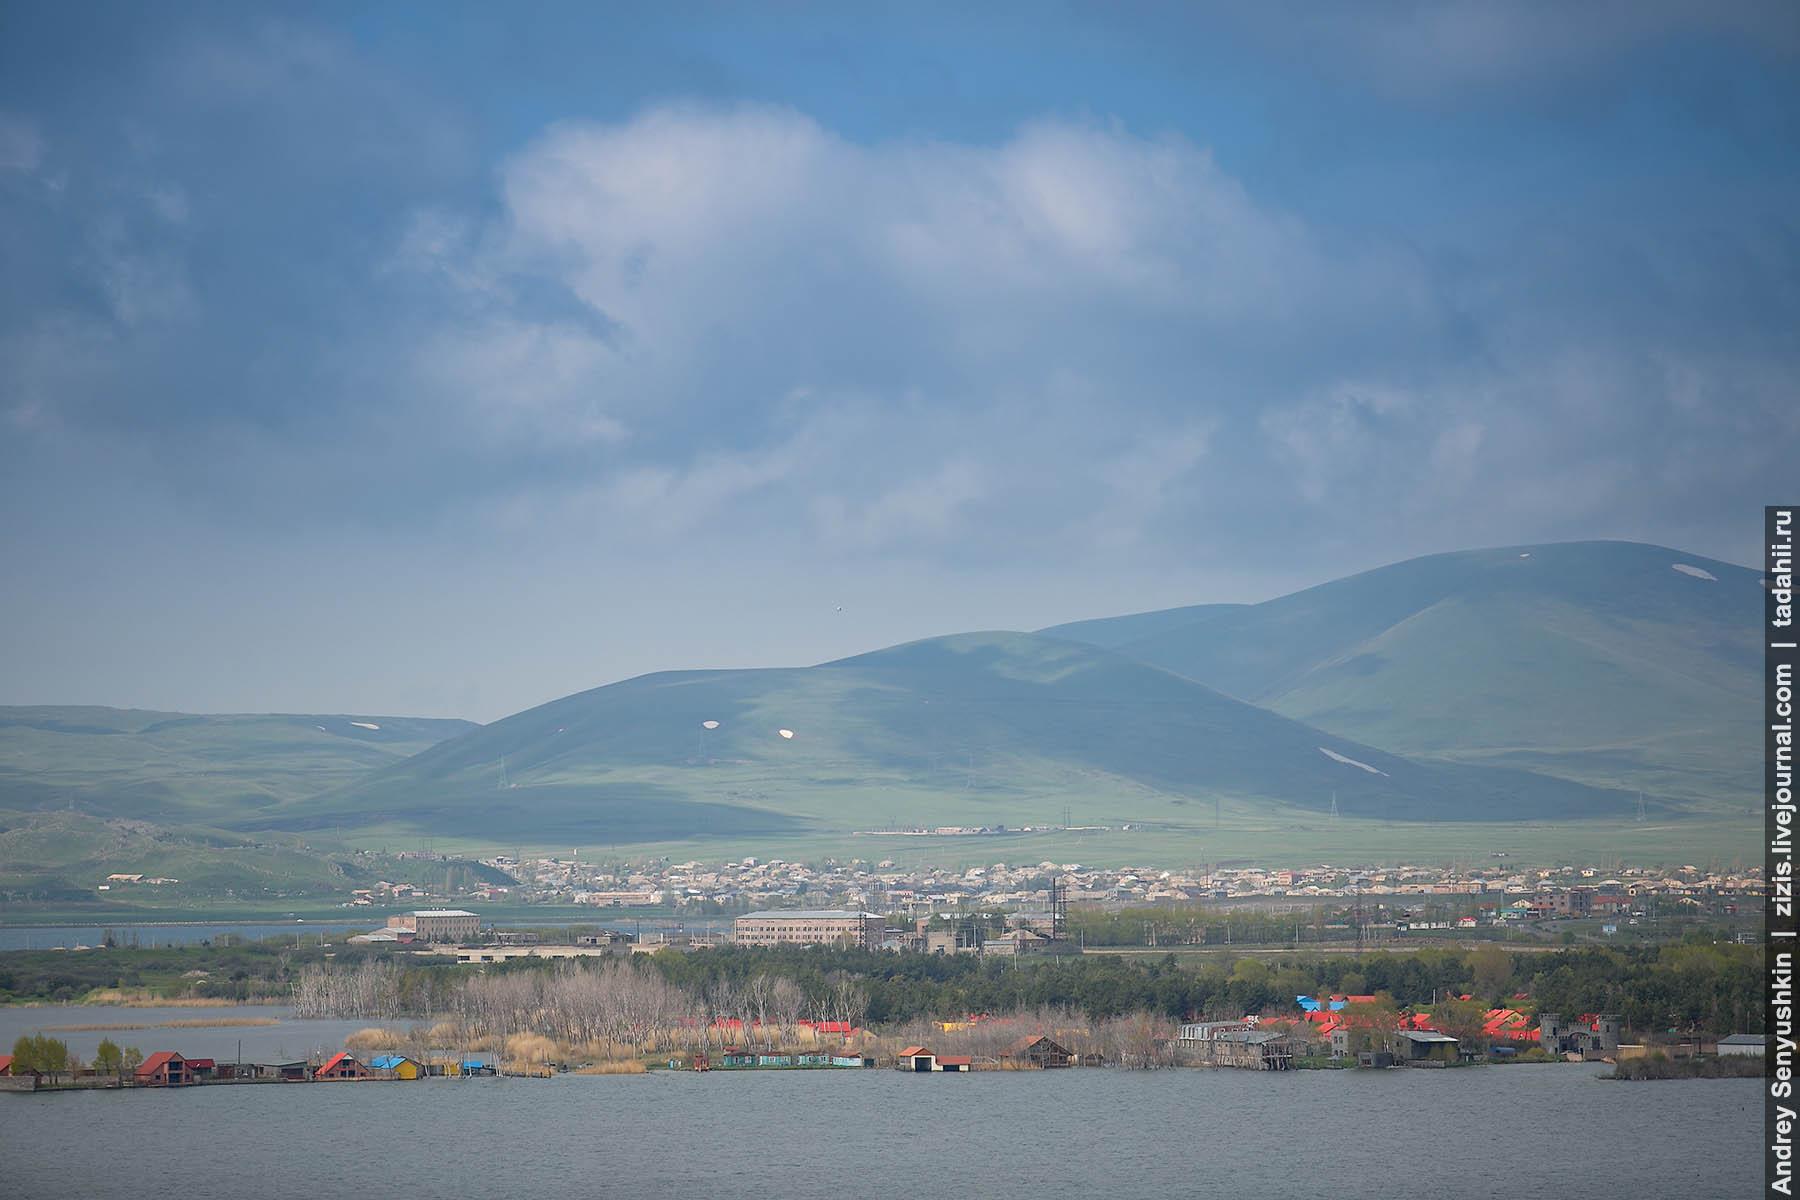 Армения, Ереван, Севан, жилье,  zizis.livejournal.com